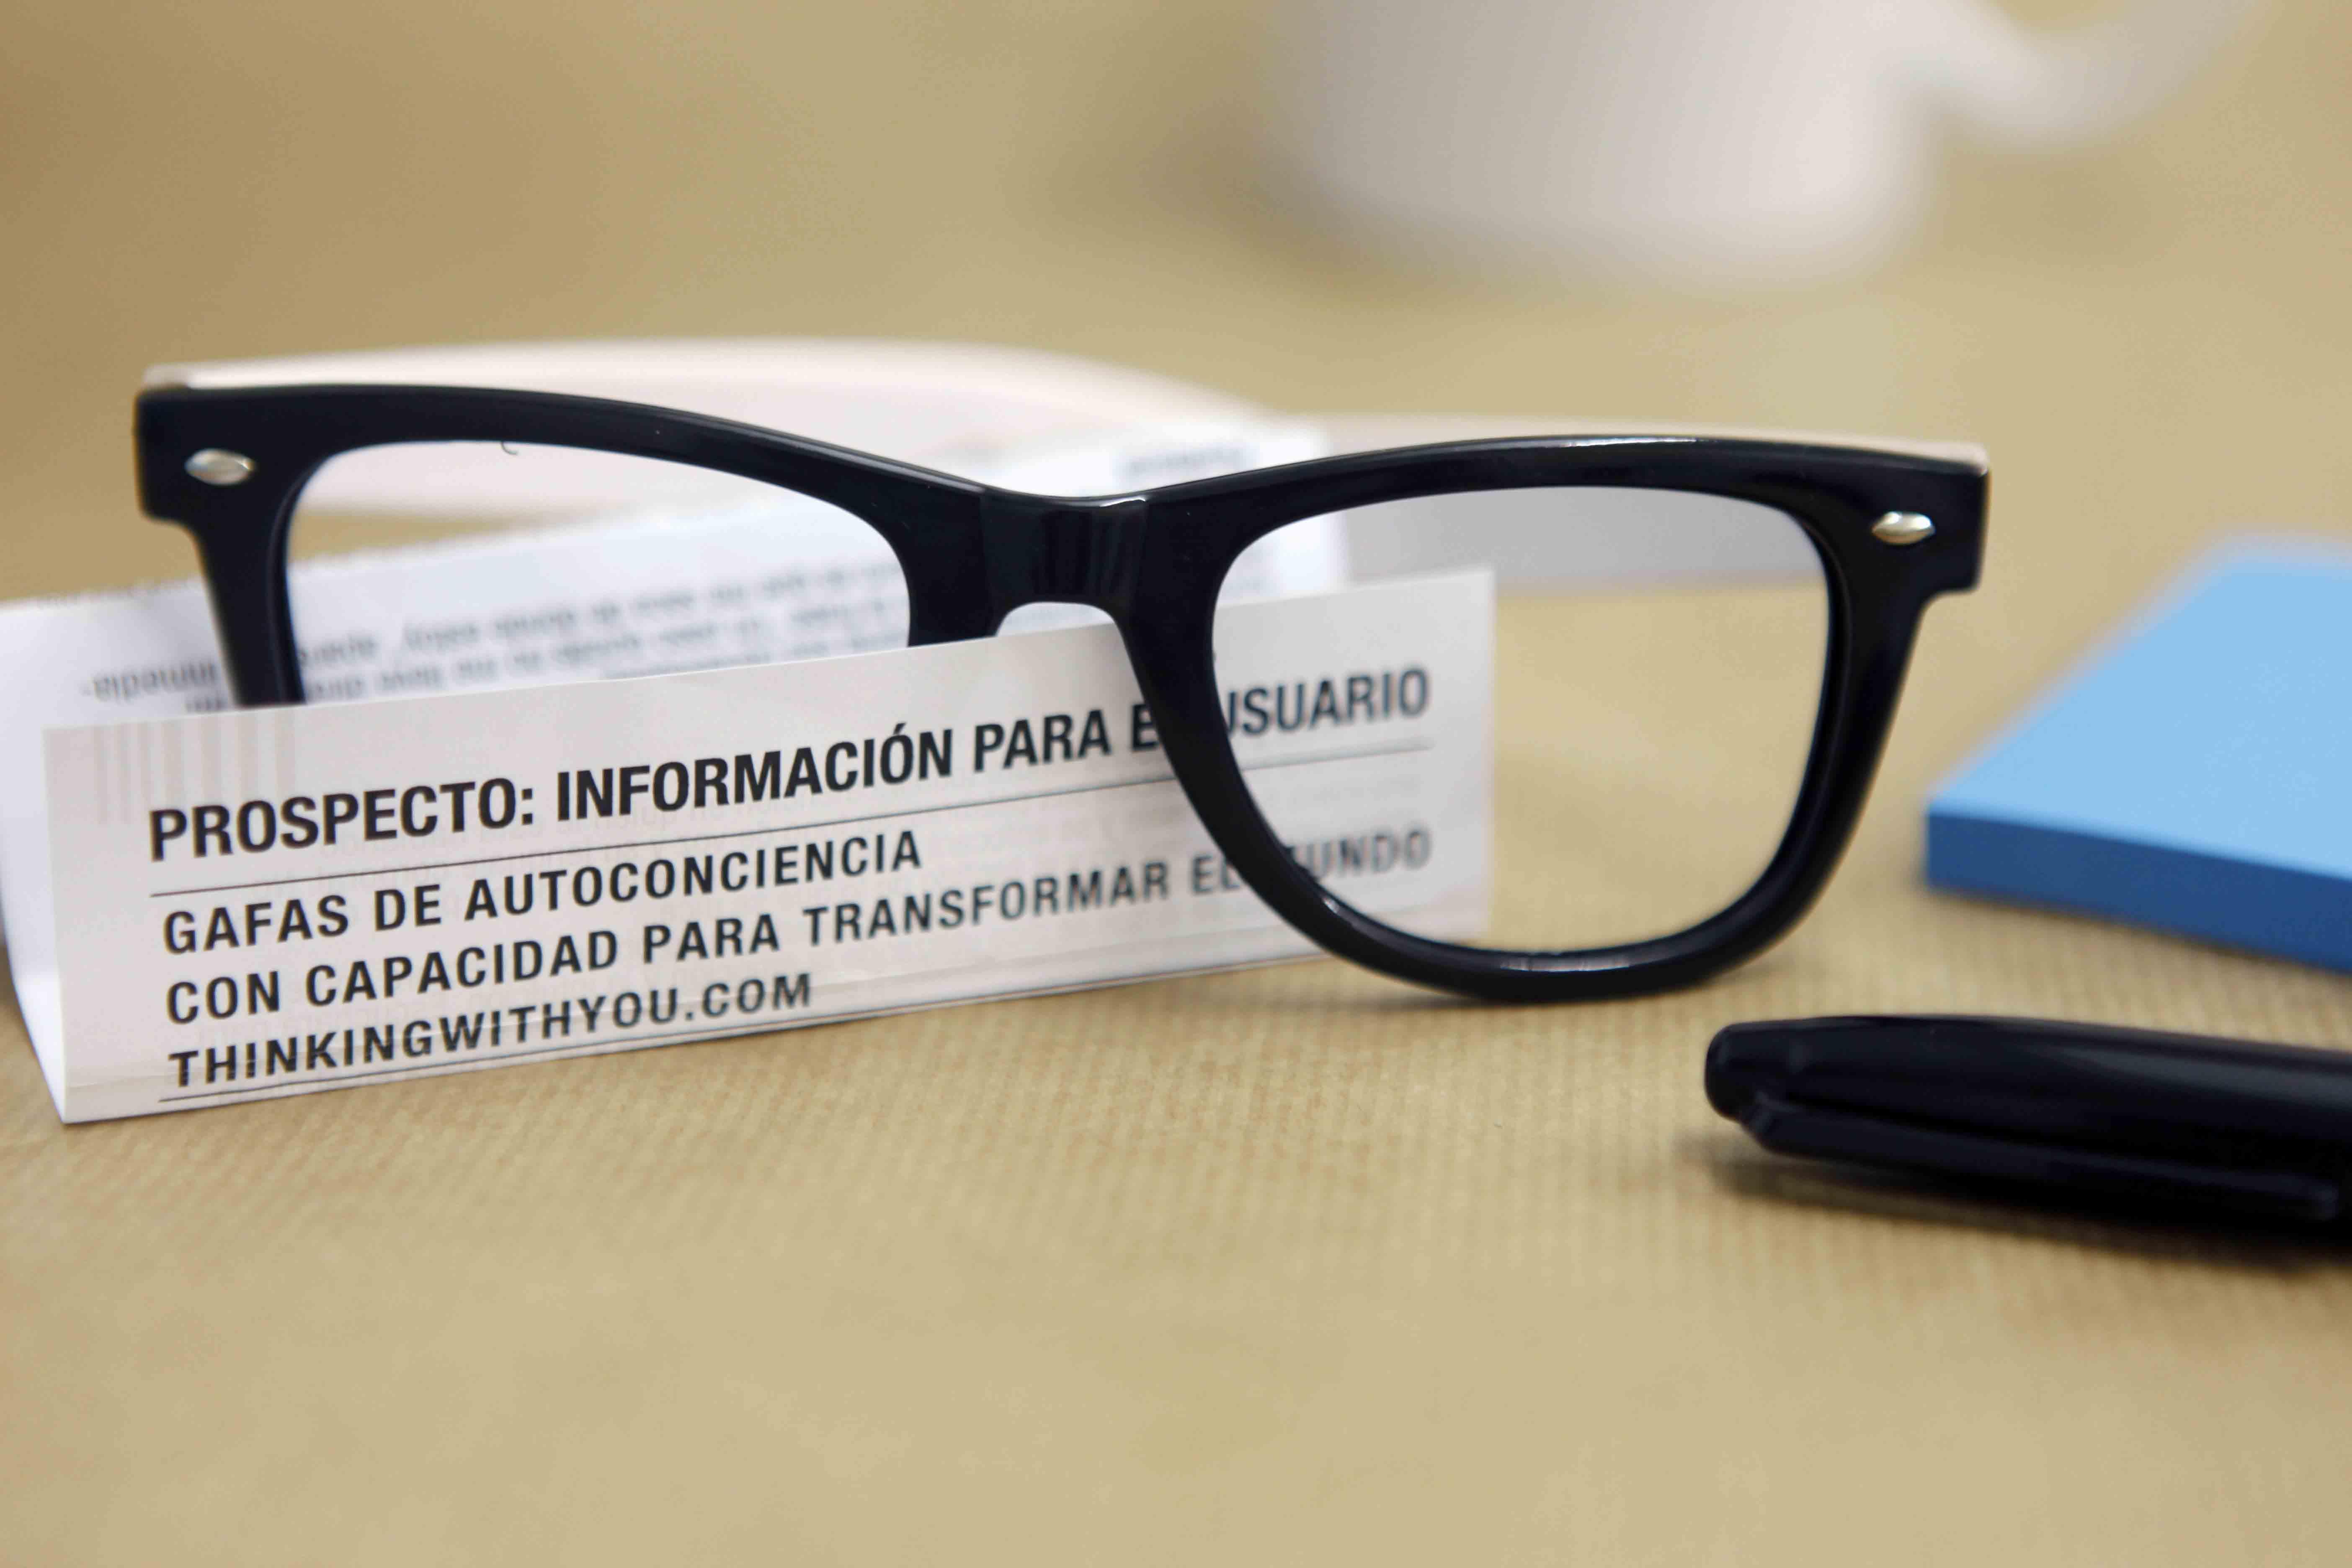 gafas-autoconciencia